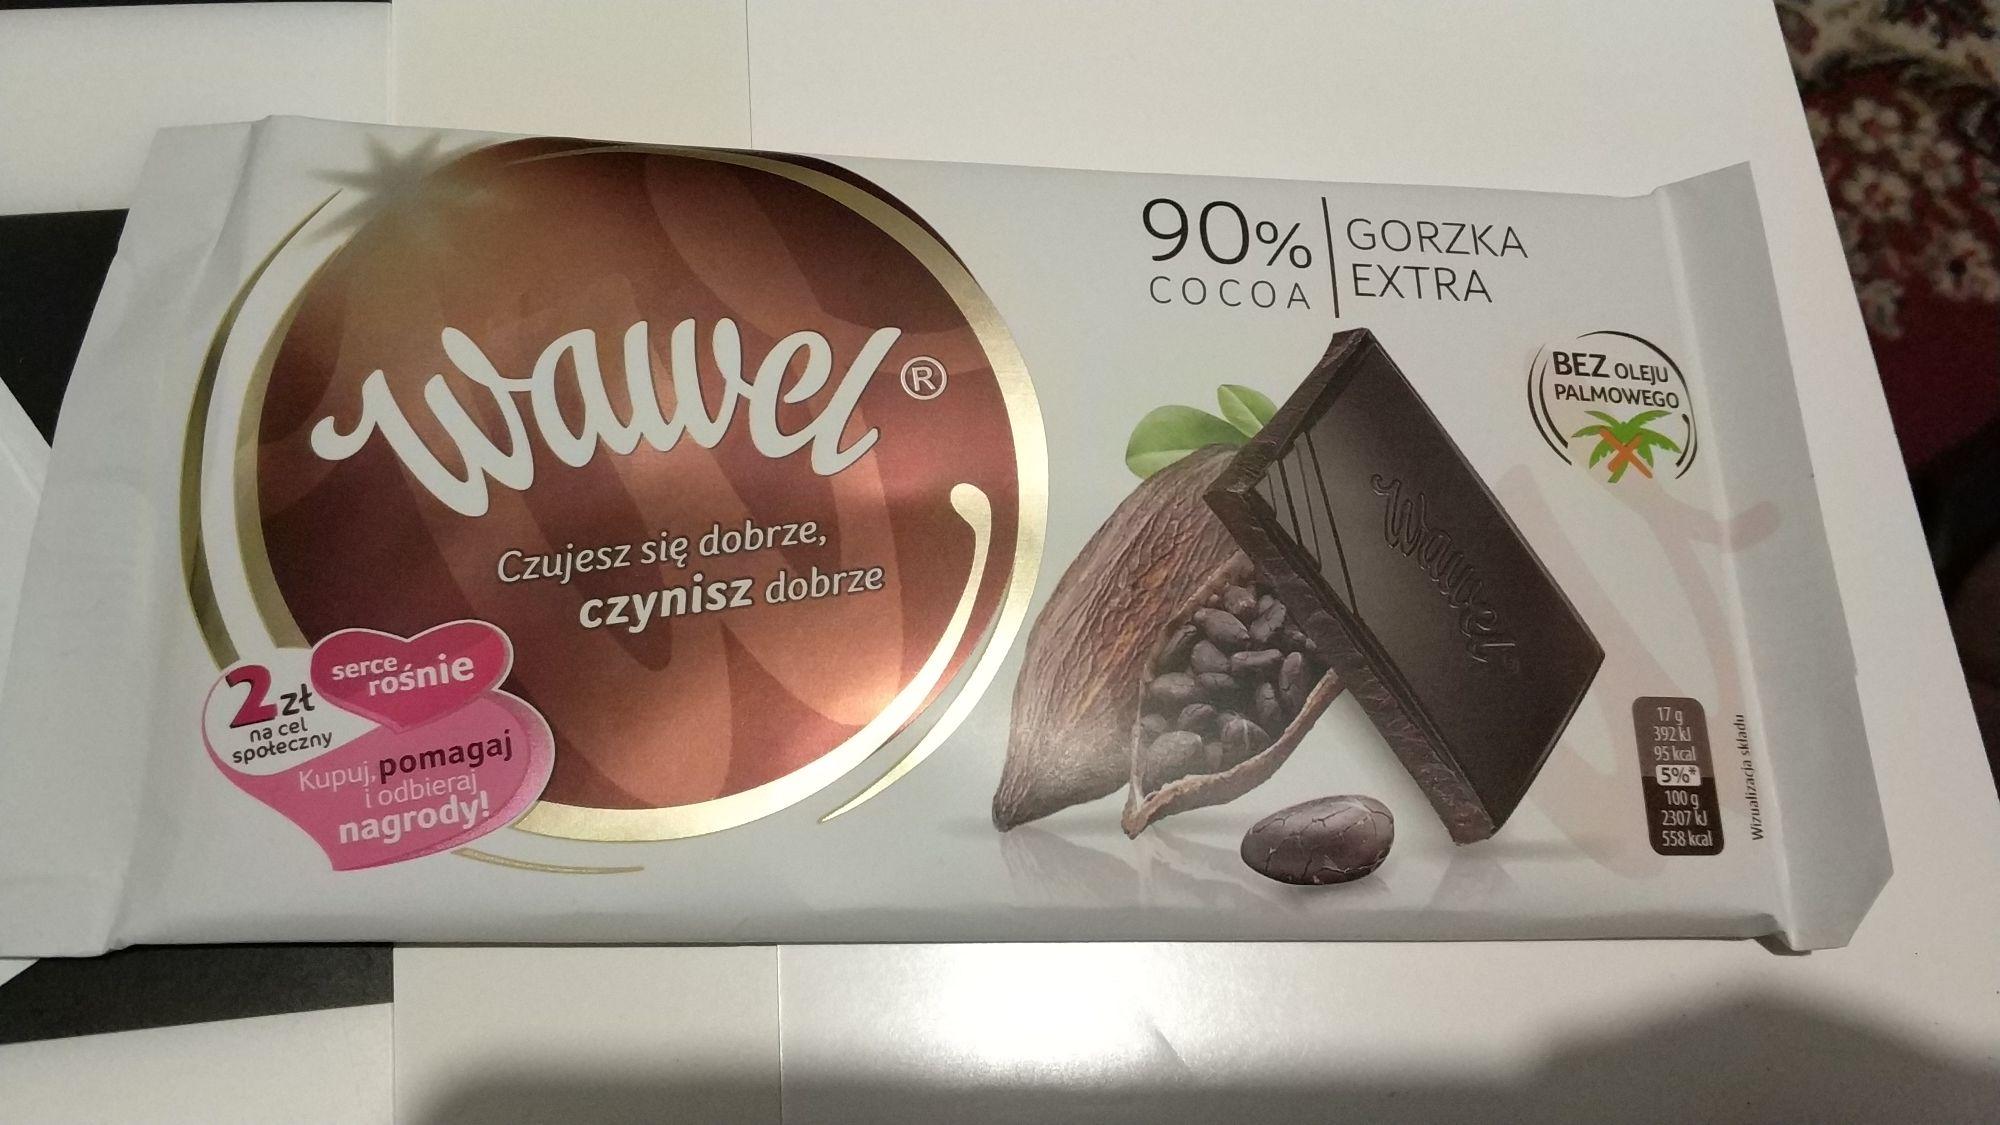 Czekolada gorzka Wawel 90% kakao @ Biedronka